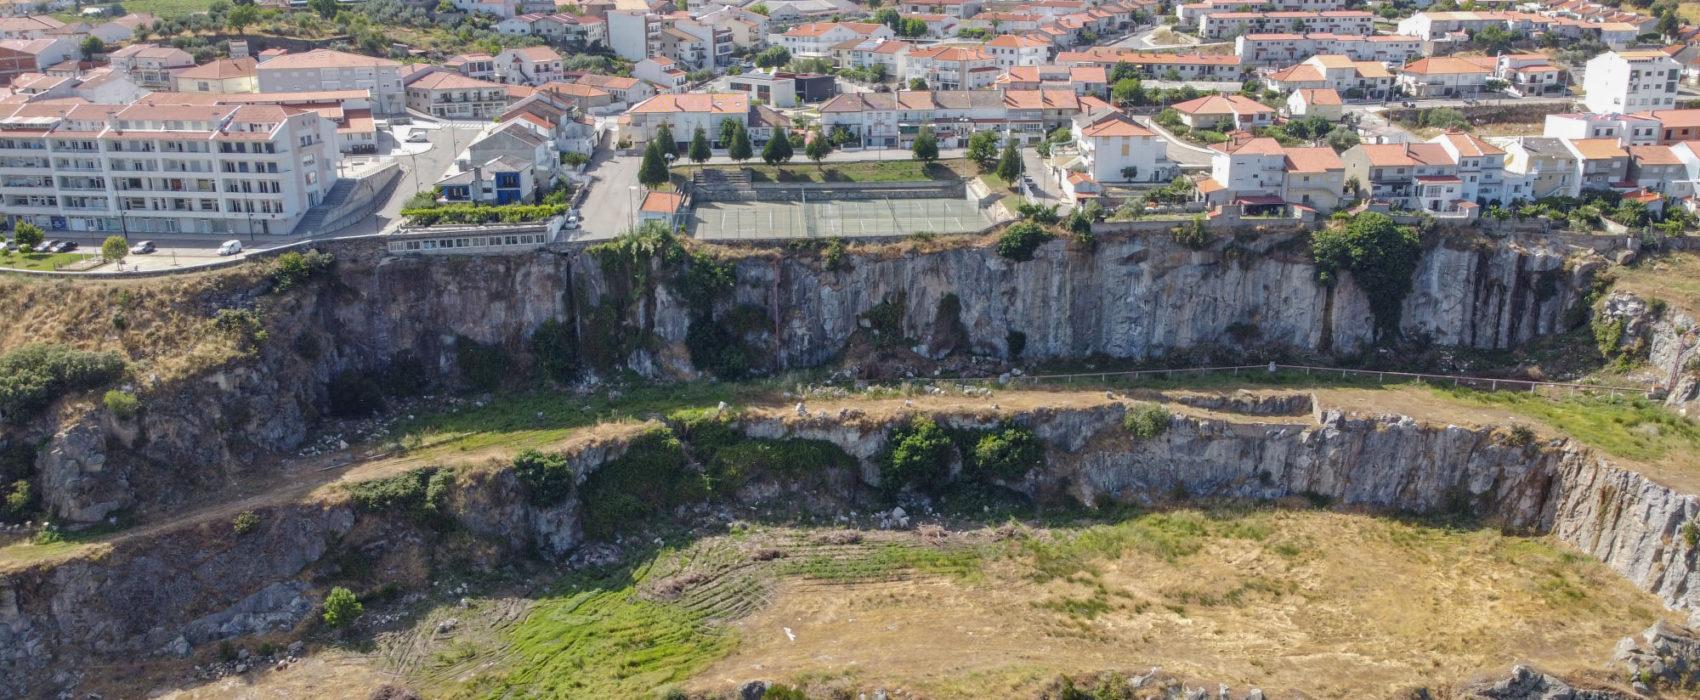 Pedreira na cidade de Miranda do Douro deixada pela construção da barragem 1960   Foto retirada de Movimento Cultural da Terra de Miranda   Facebook